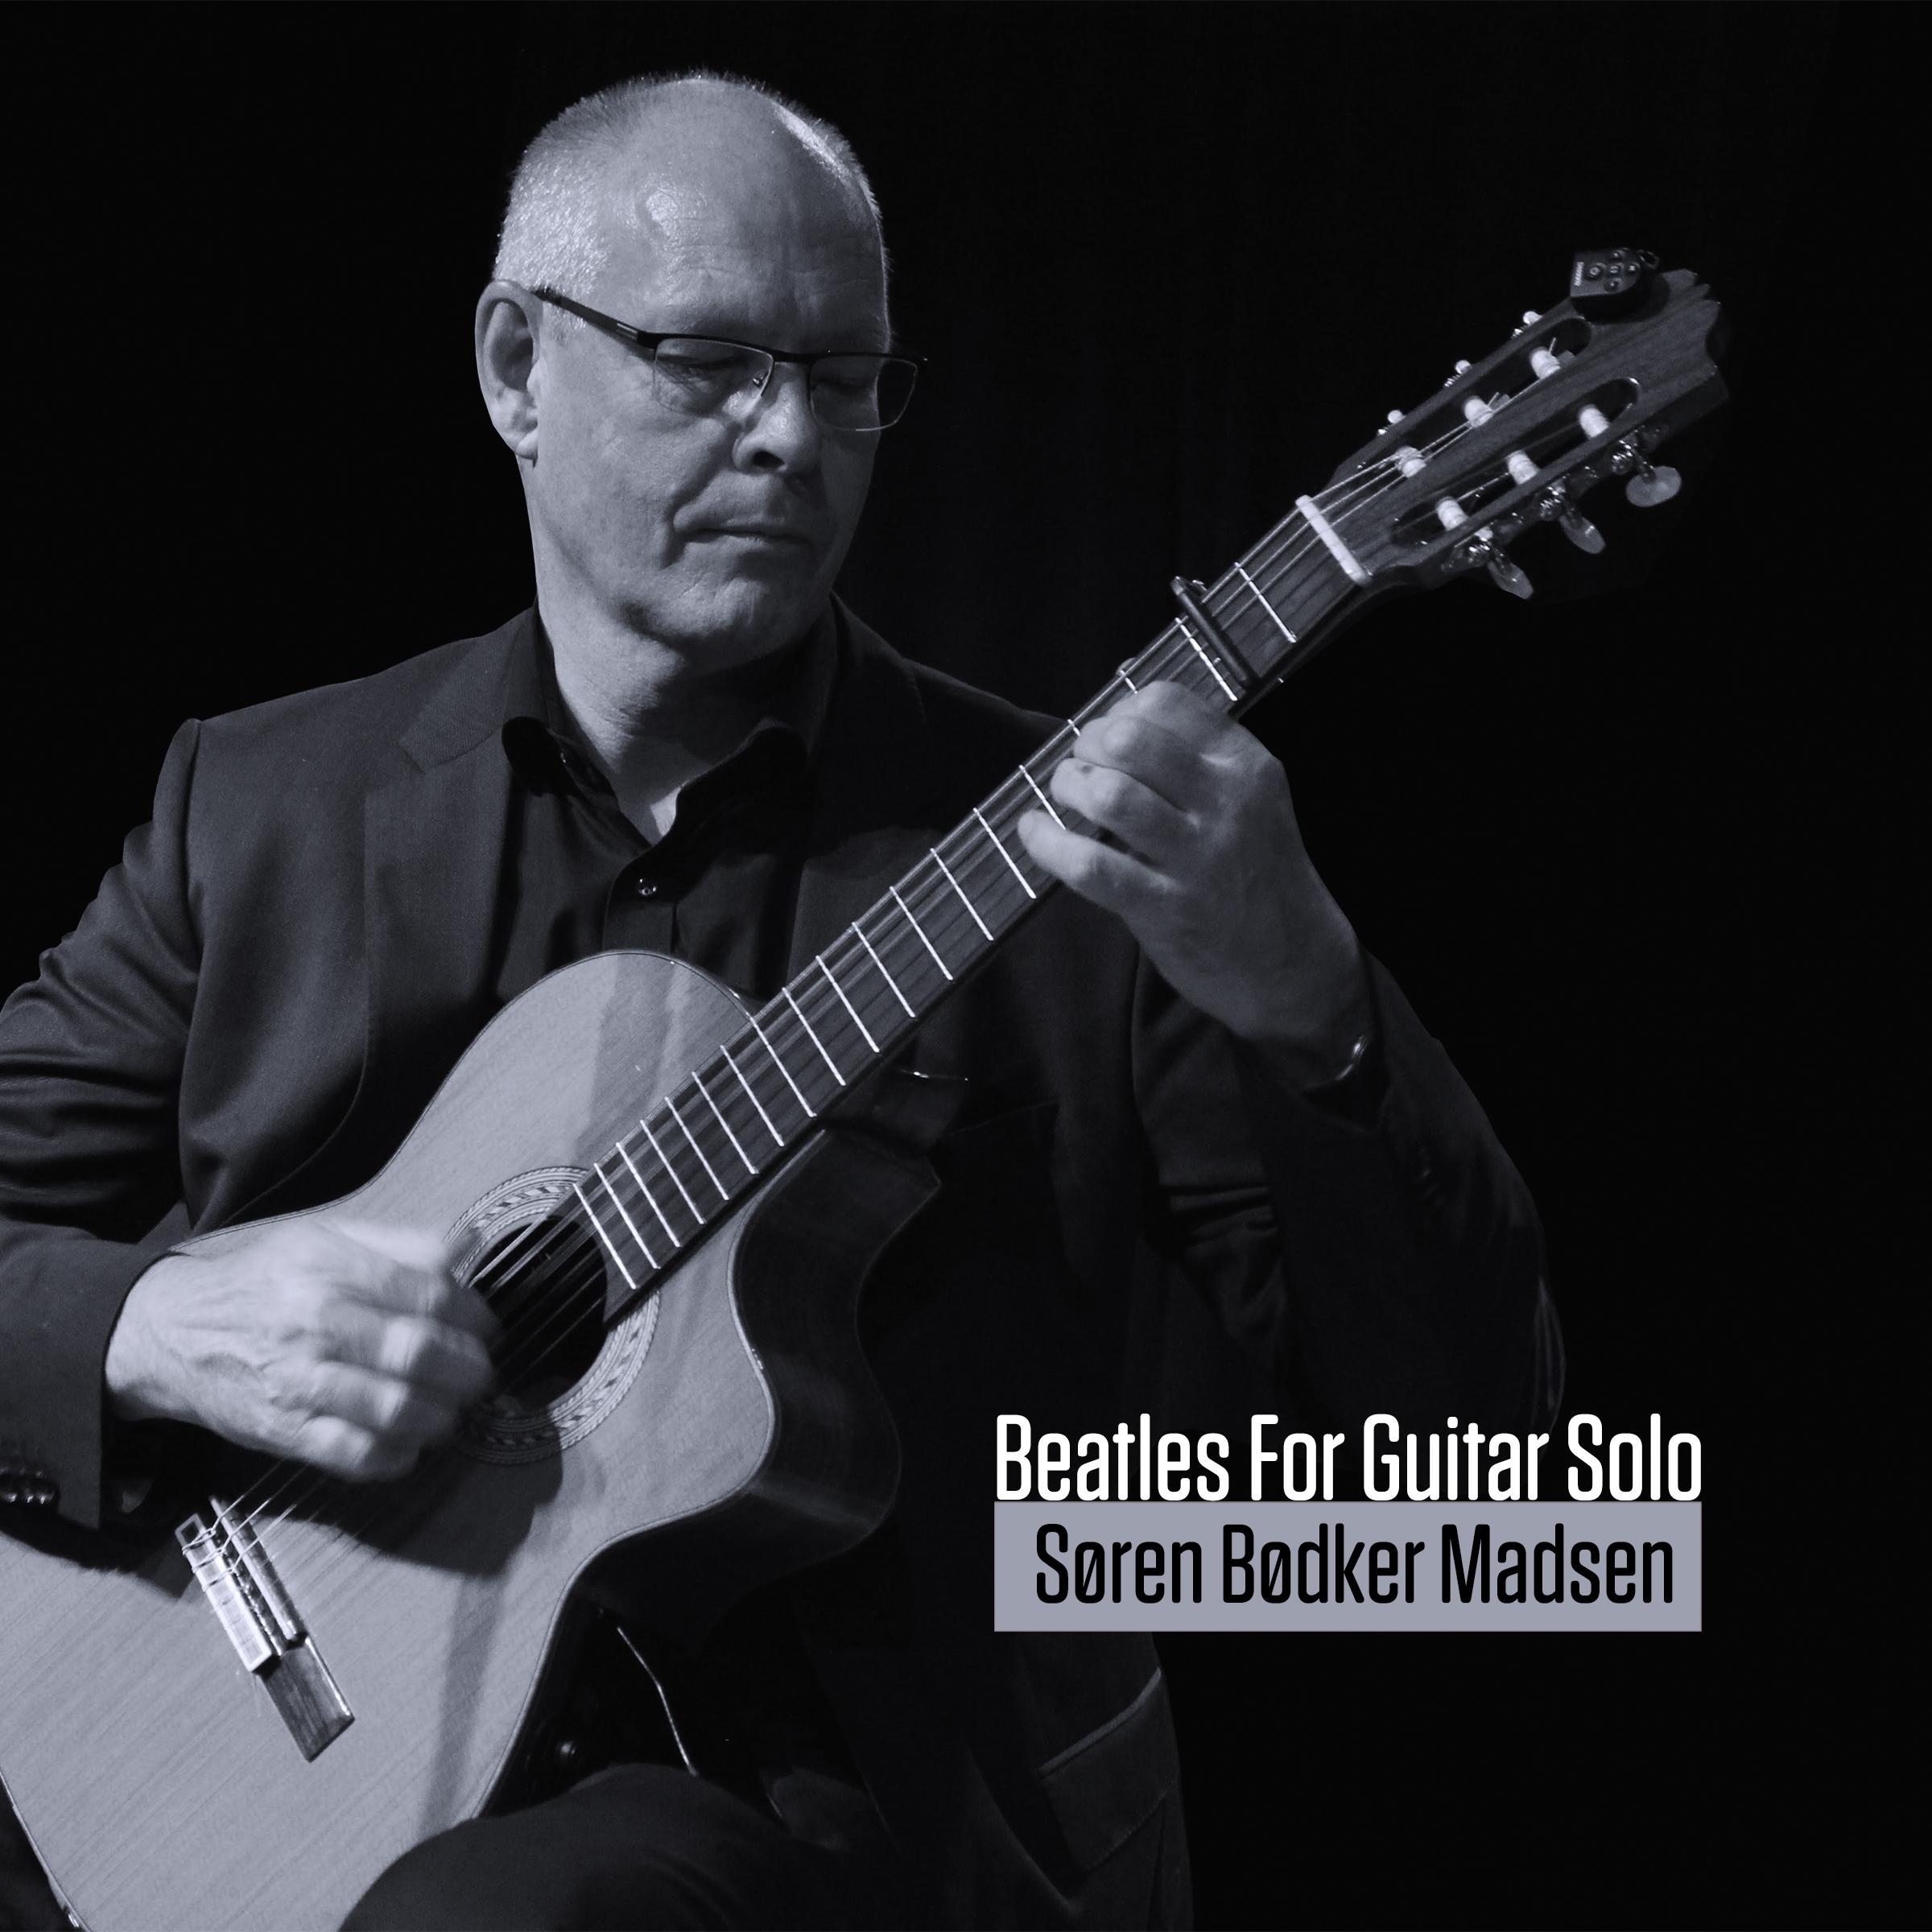 Beatles For Guitar Solo - Søren Bødker Madsen - Musik - Guitarsolo - 5707471051269 - 2017